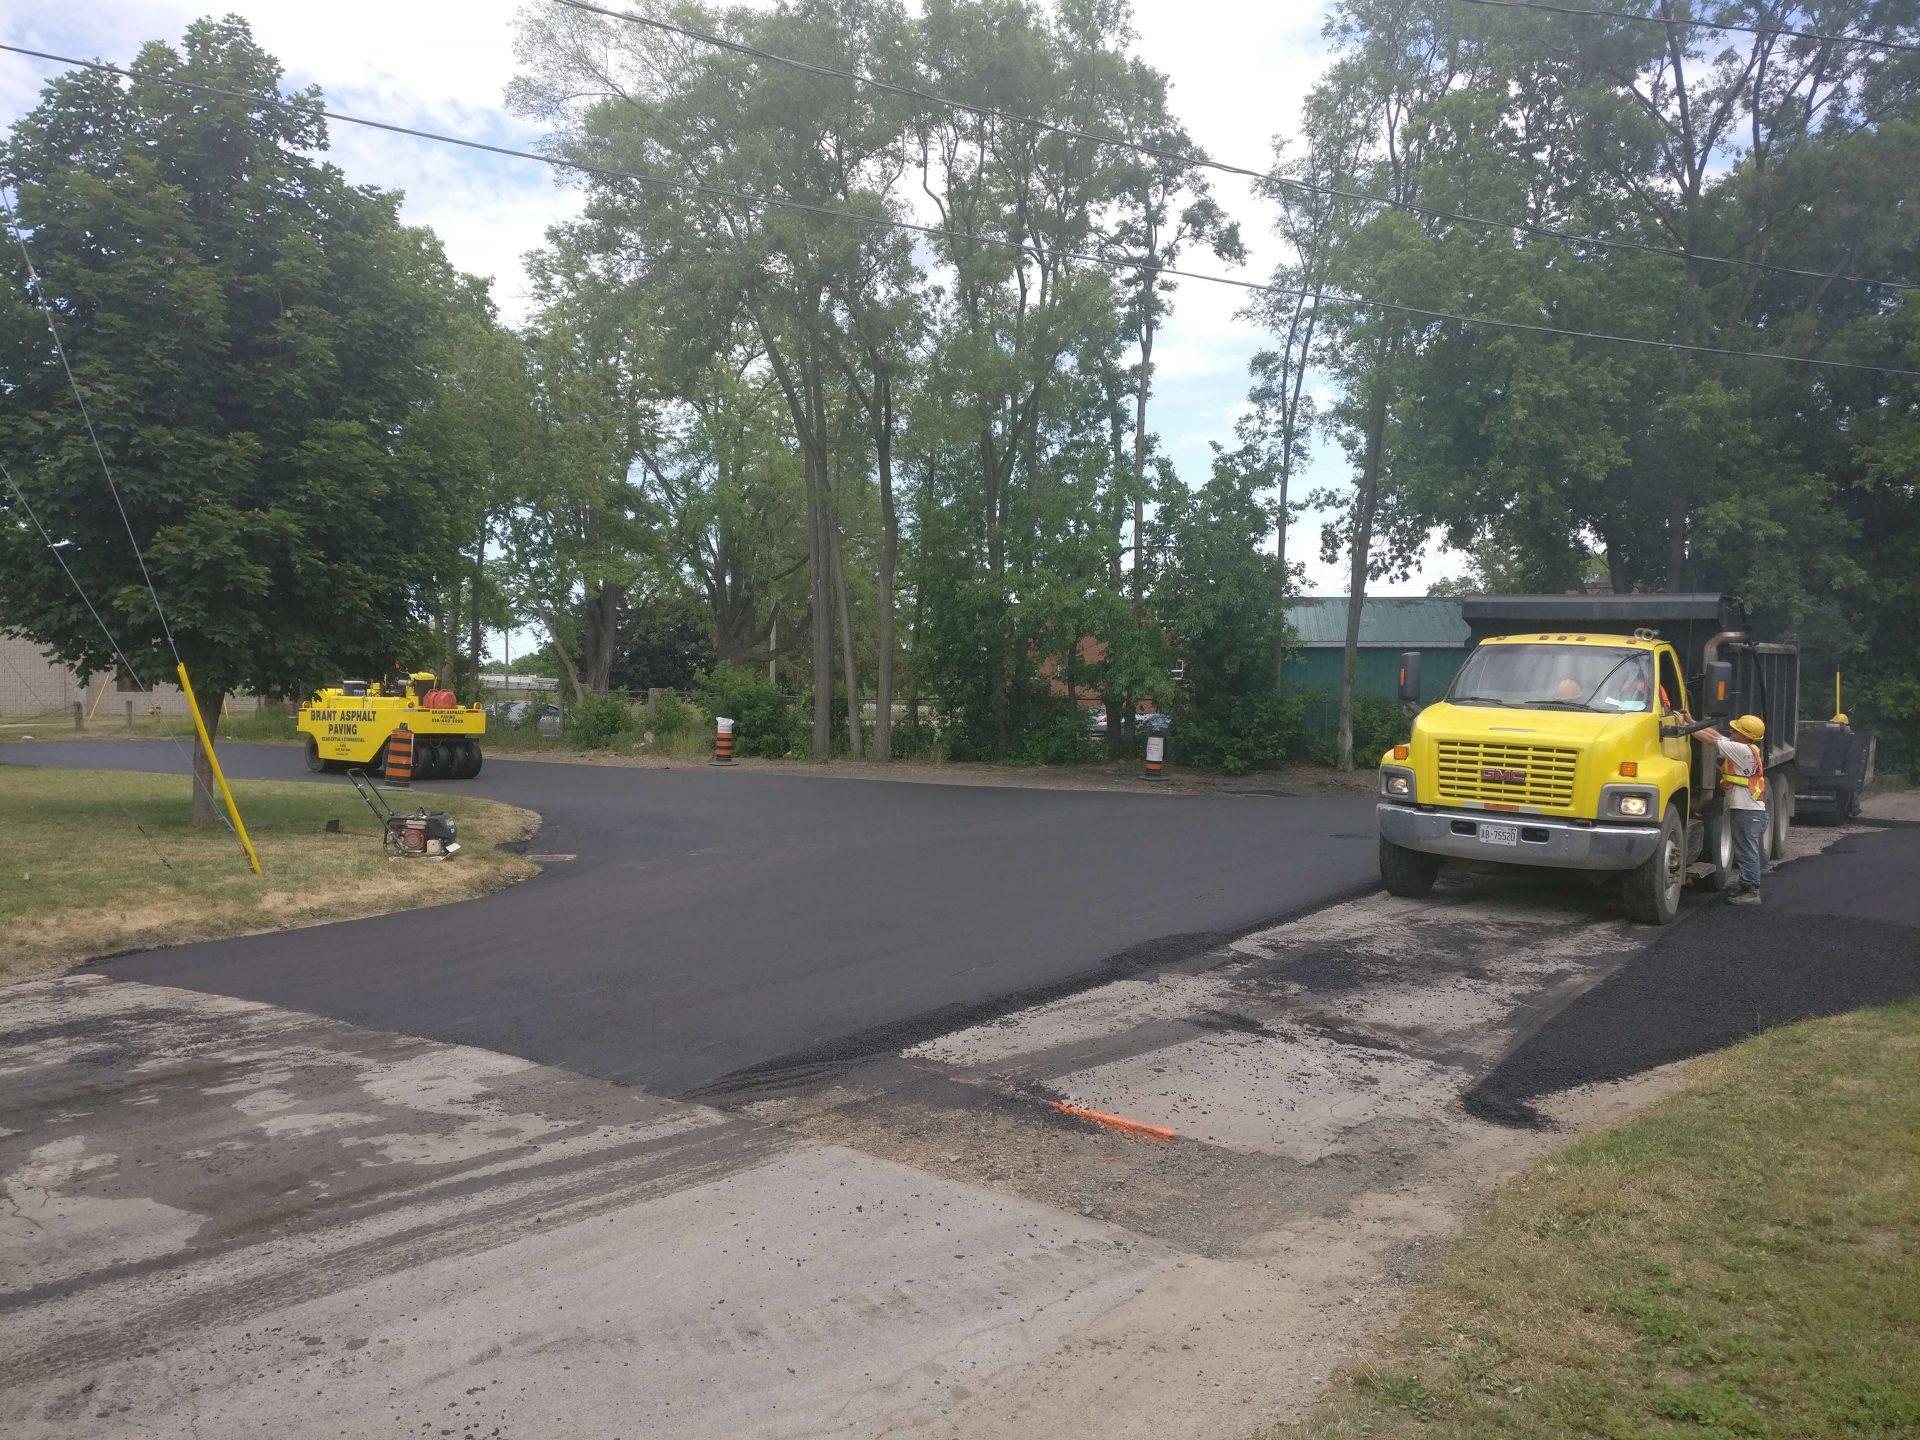 Unfinished paving of asphalt